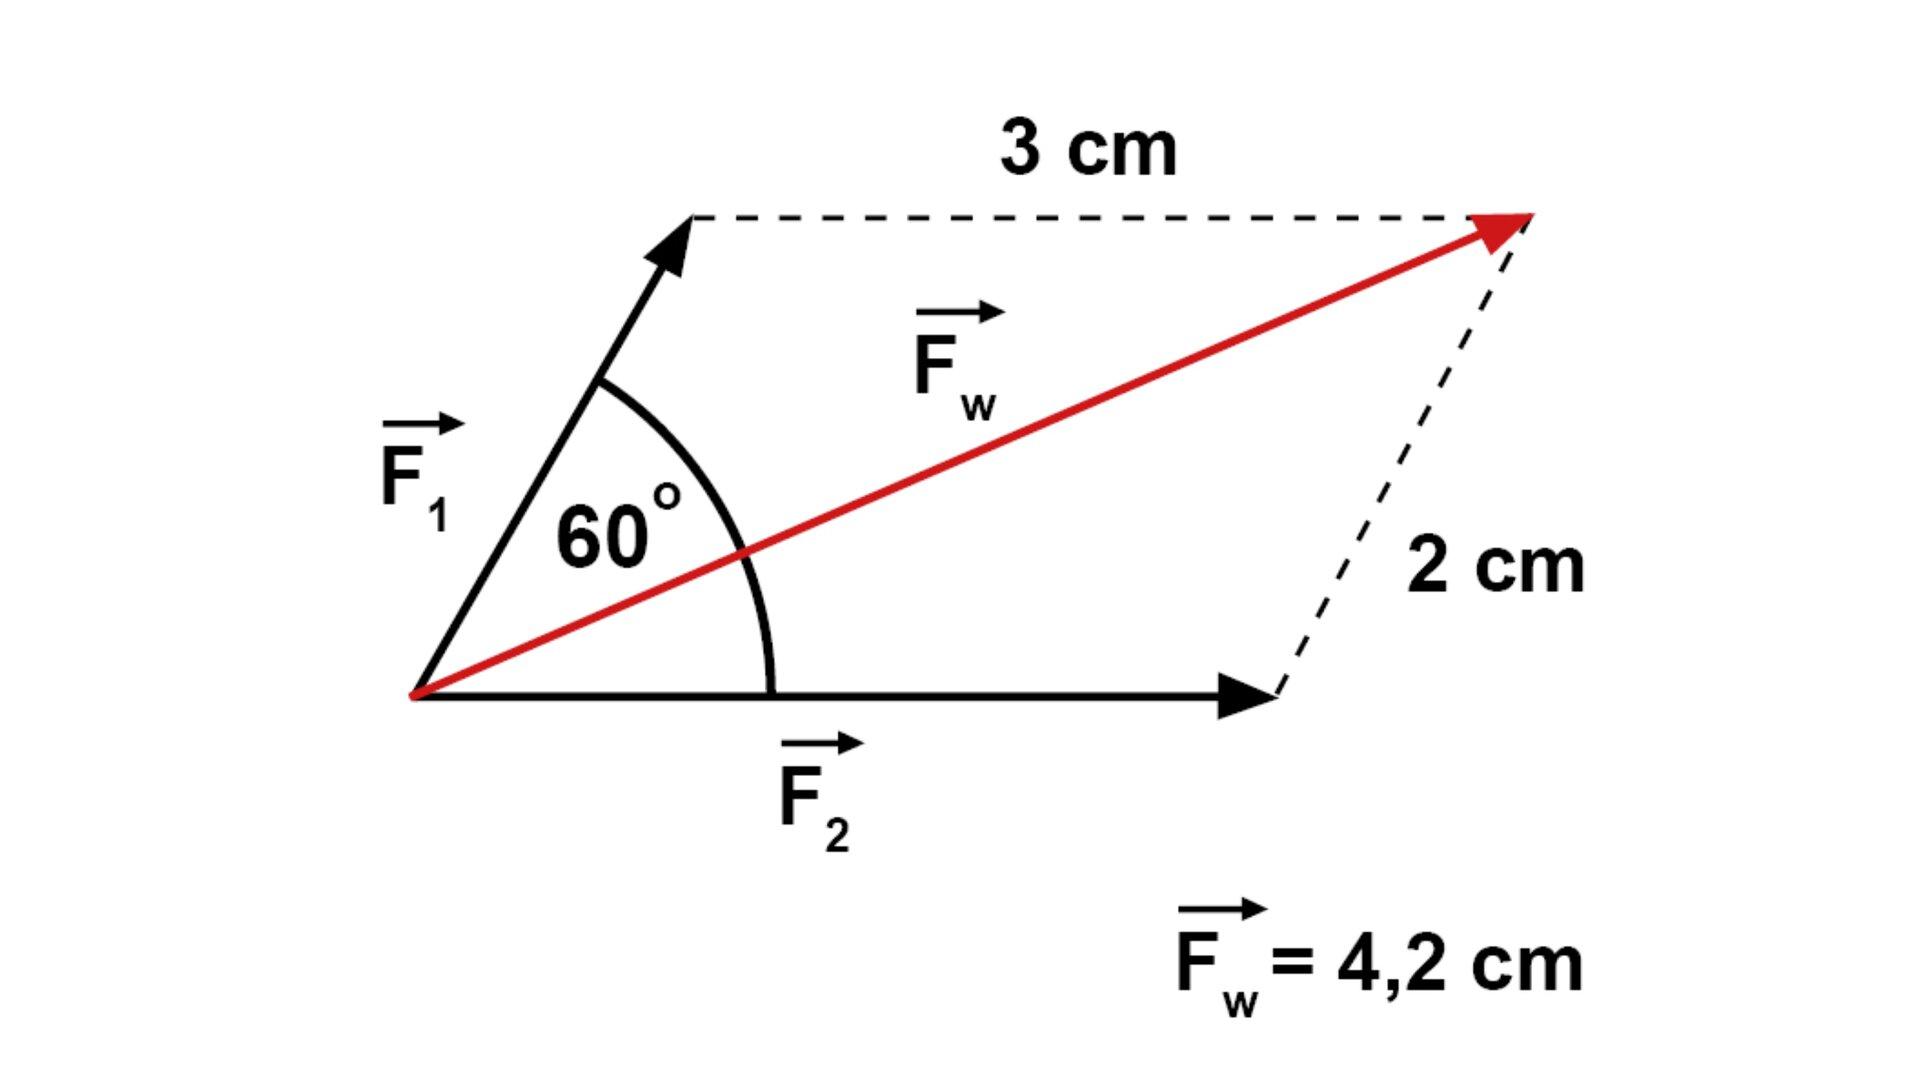 Rysunek przedstawia równoległobok. Dwa boki figury są skonstruowane zprzerywanych linii, adwa zczarnych strzałek oznaczonych jako F1 iF2. Dłuższy bok ma długość 3 cm, akrótszy 2 cm. Figurę dzieli czerwona przekątna (Fw). Kąt ostry równoległoboku wynosi 60 stopni. Wprawym dolnym rogu ilustracji jest napisane: Fw = 4,2 cm.